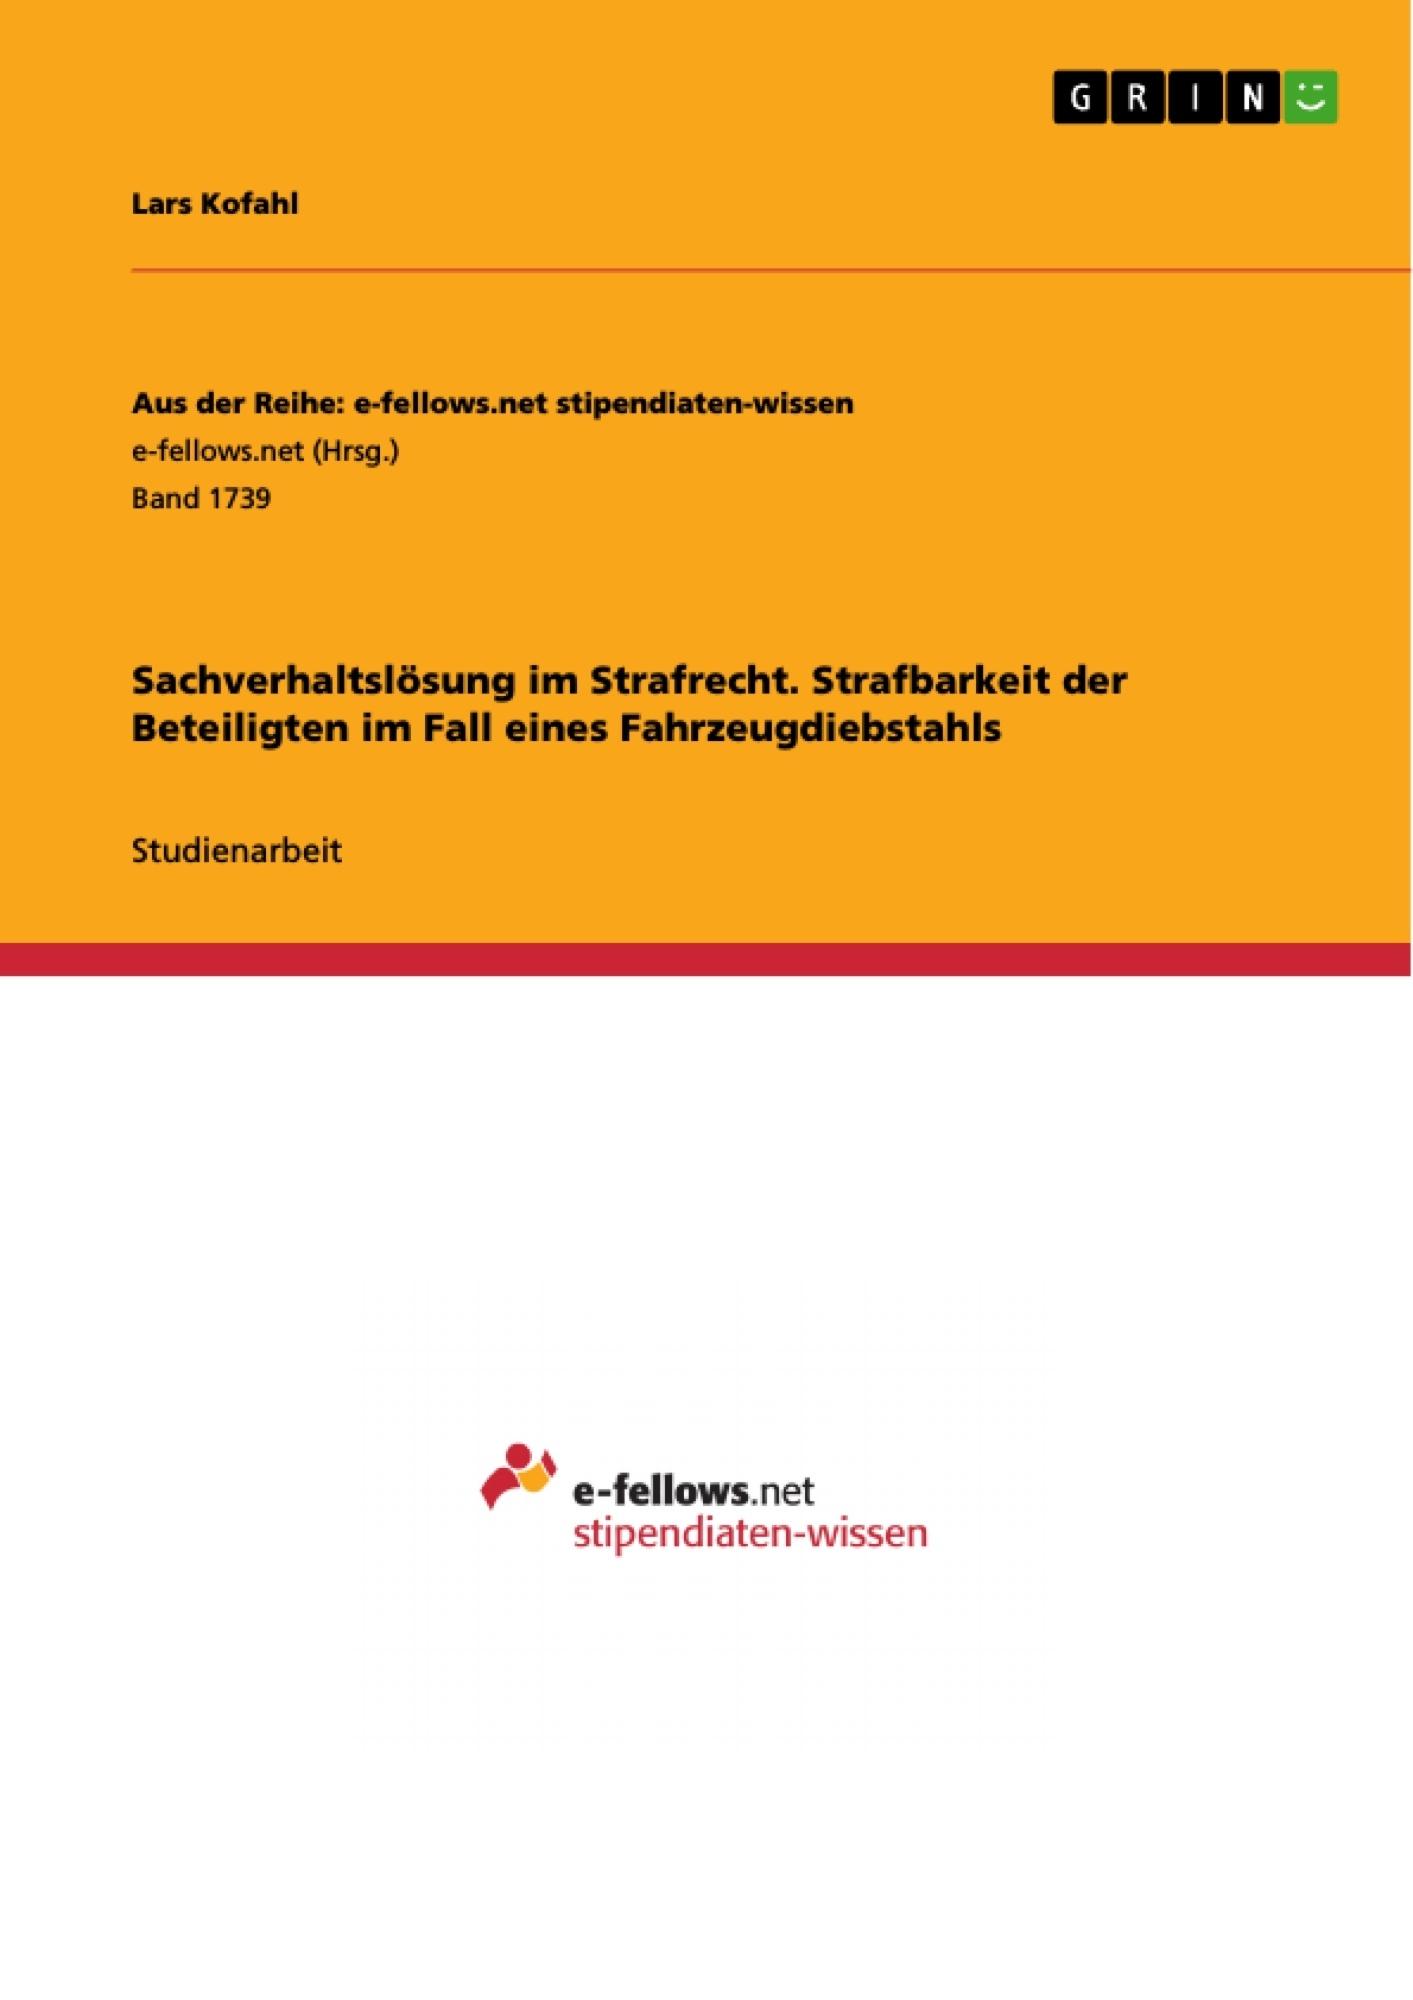 Titel: Sachverhaltslösung im Strafrecht. Strafbarkeit der Beteiligten im Fall eines Fahrzeugdiebstahls